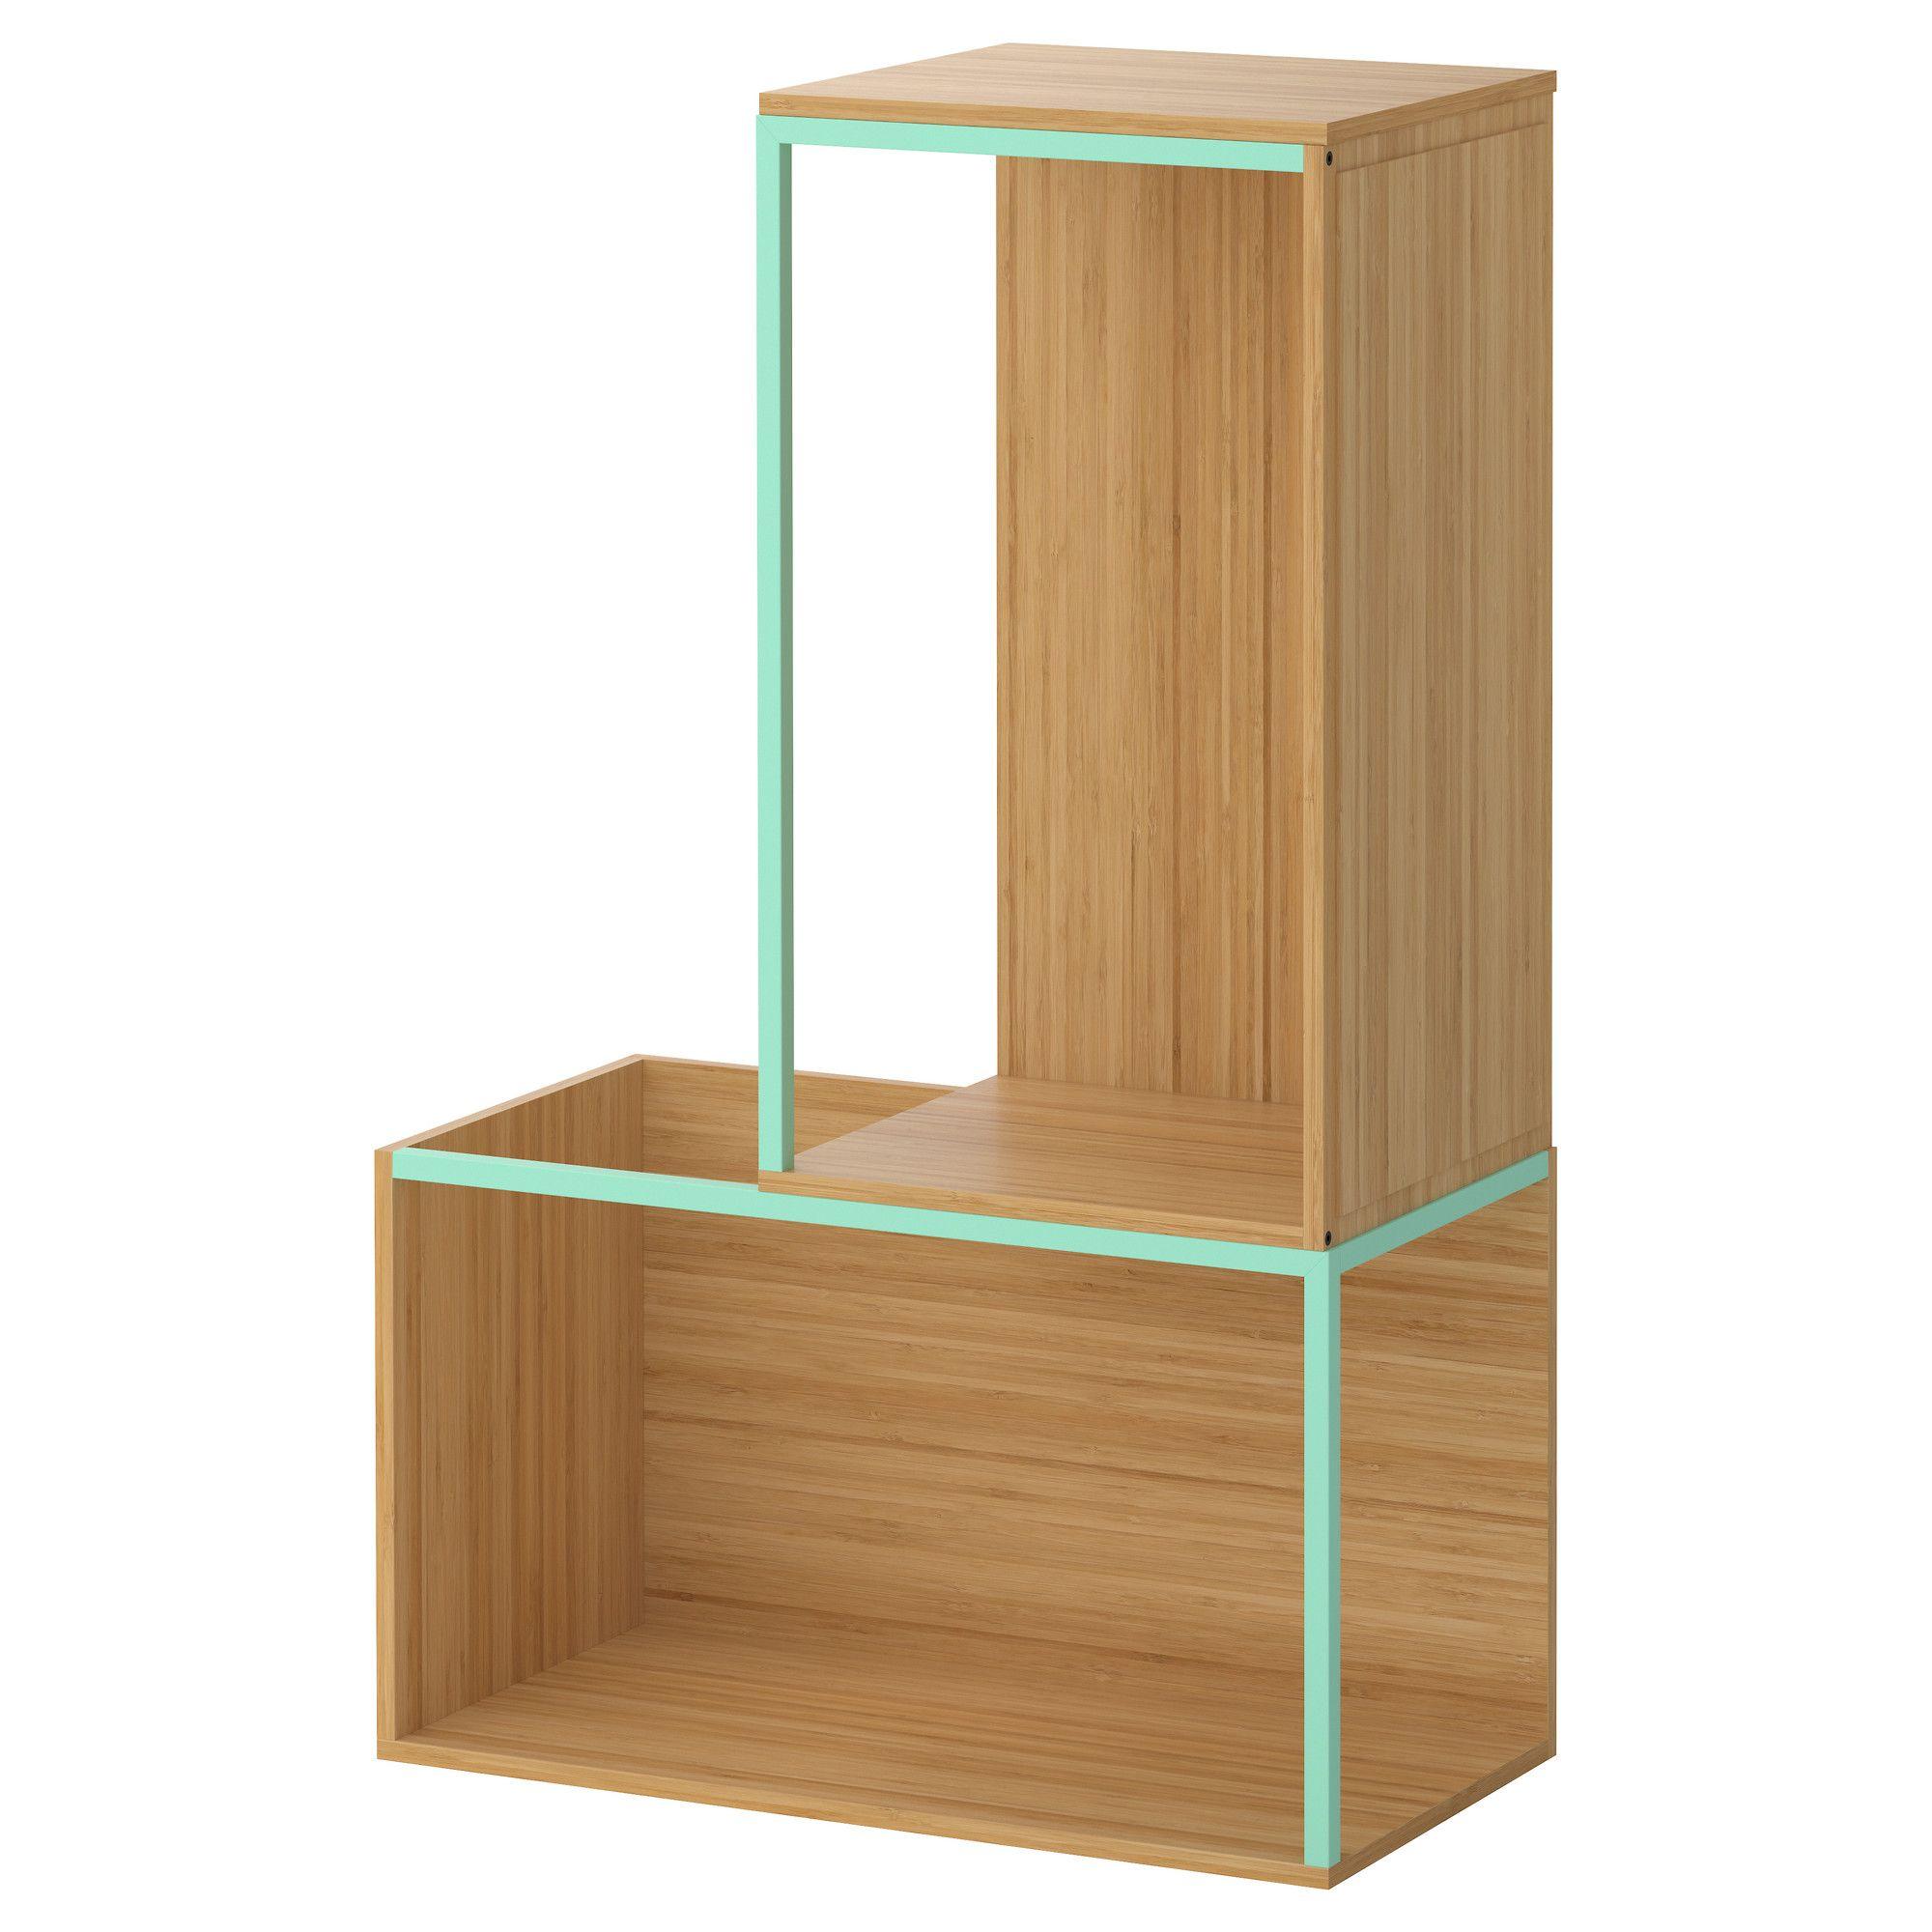 Ikea ps 2014 combina o arruma o c topo bambu verde - Mobile angolare ikea ps 2014 ...